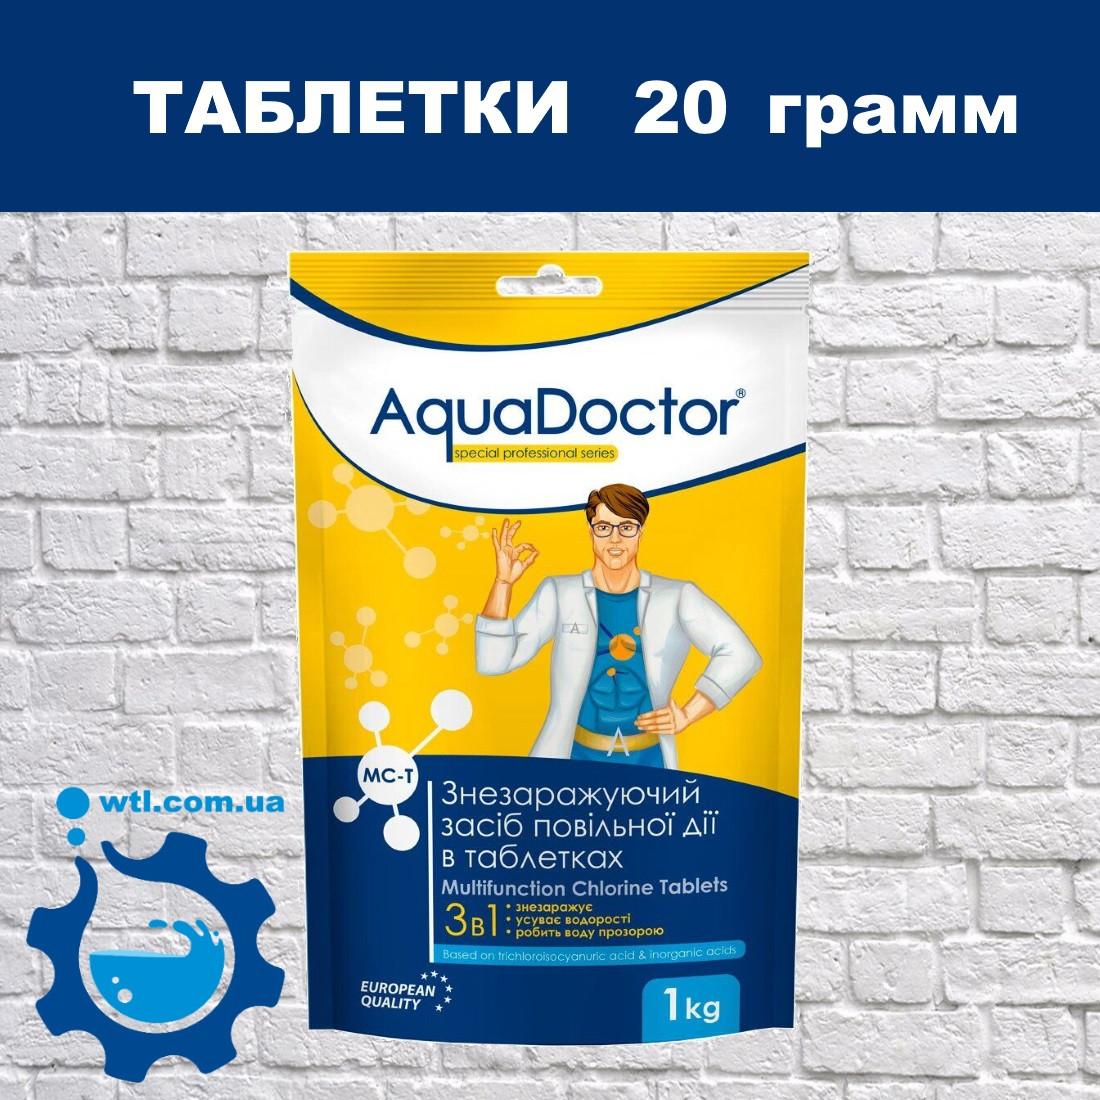 Aquadoctor MC-T 1 кг 3 в 1. Химия для бассейнов Аквадоктор. Таблетки для бассейна. Длительный (медленный) хлор